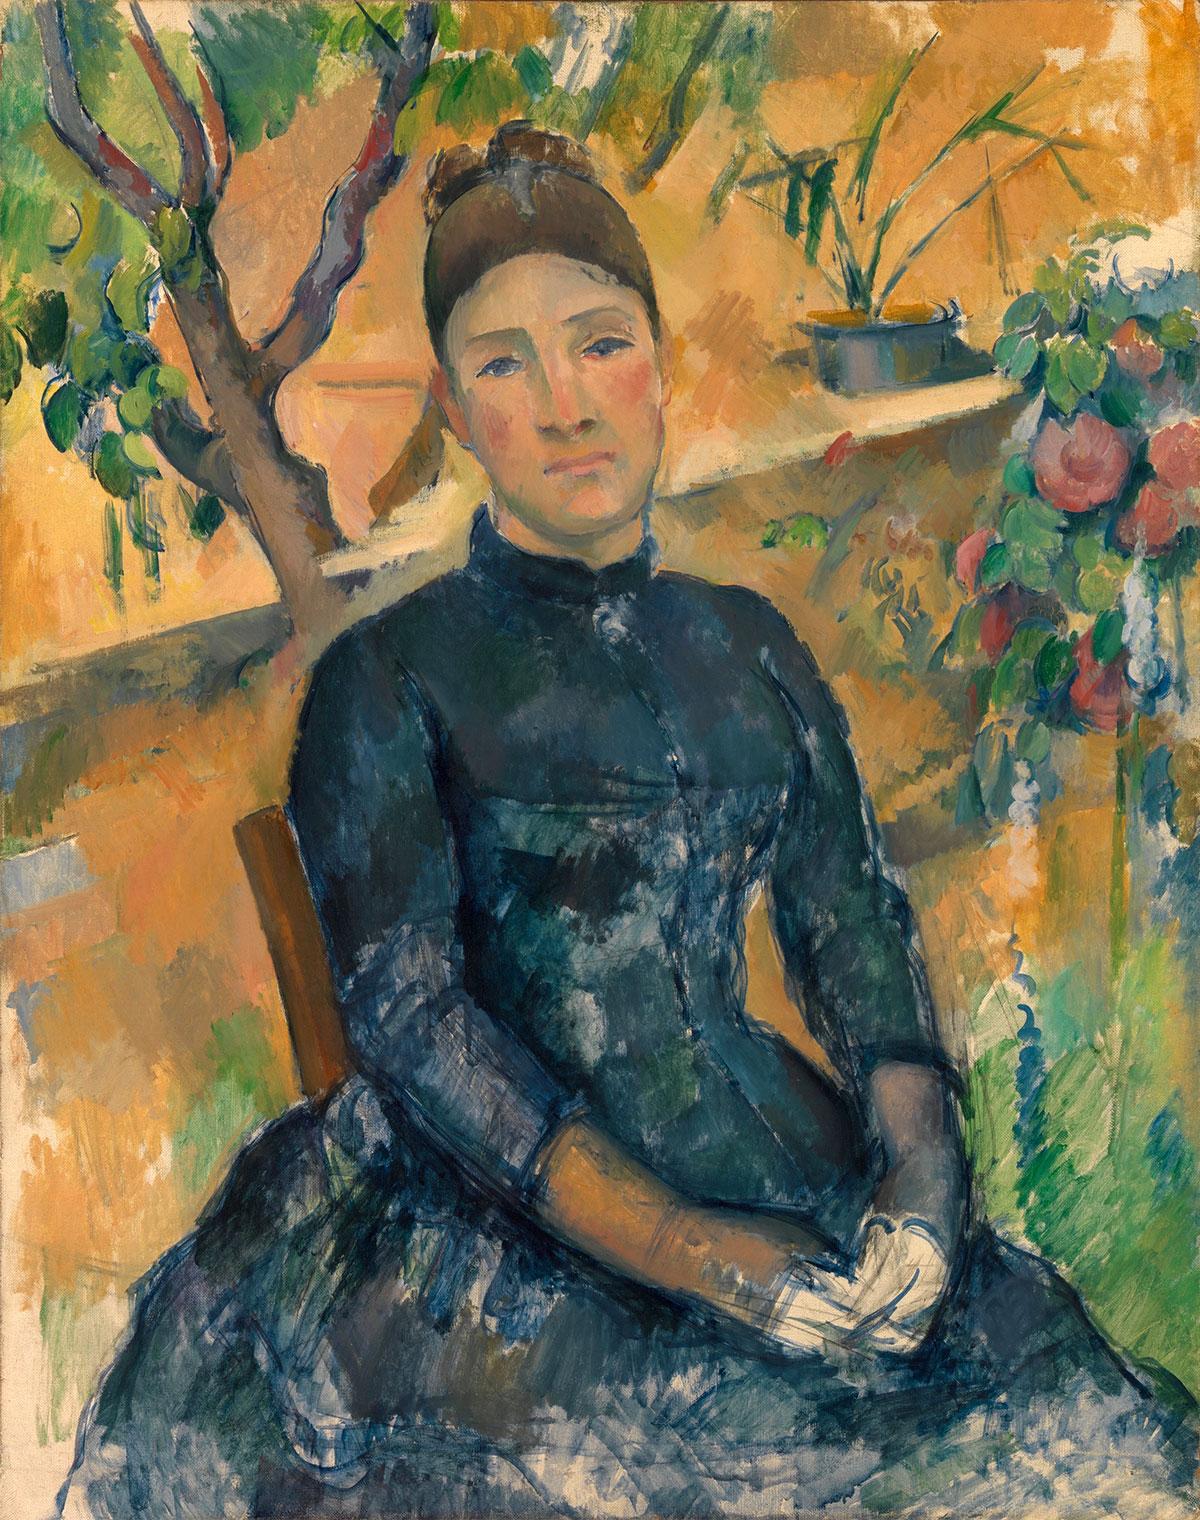 La signora Cézanne nella serra - Madame Cézanne in the conservatory - Madame Cézanne au conservatoire